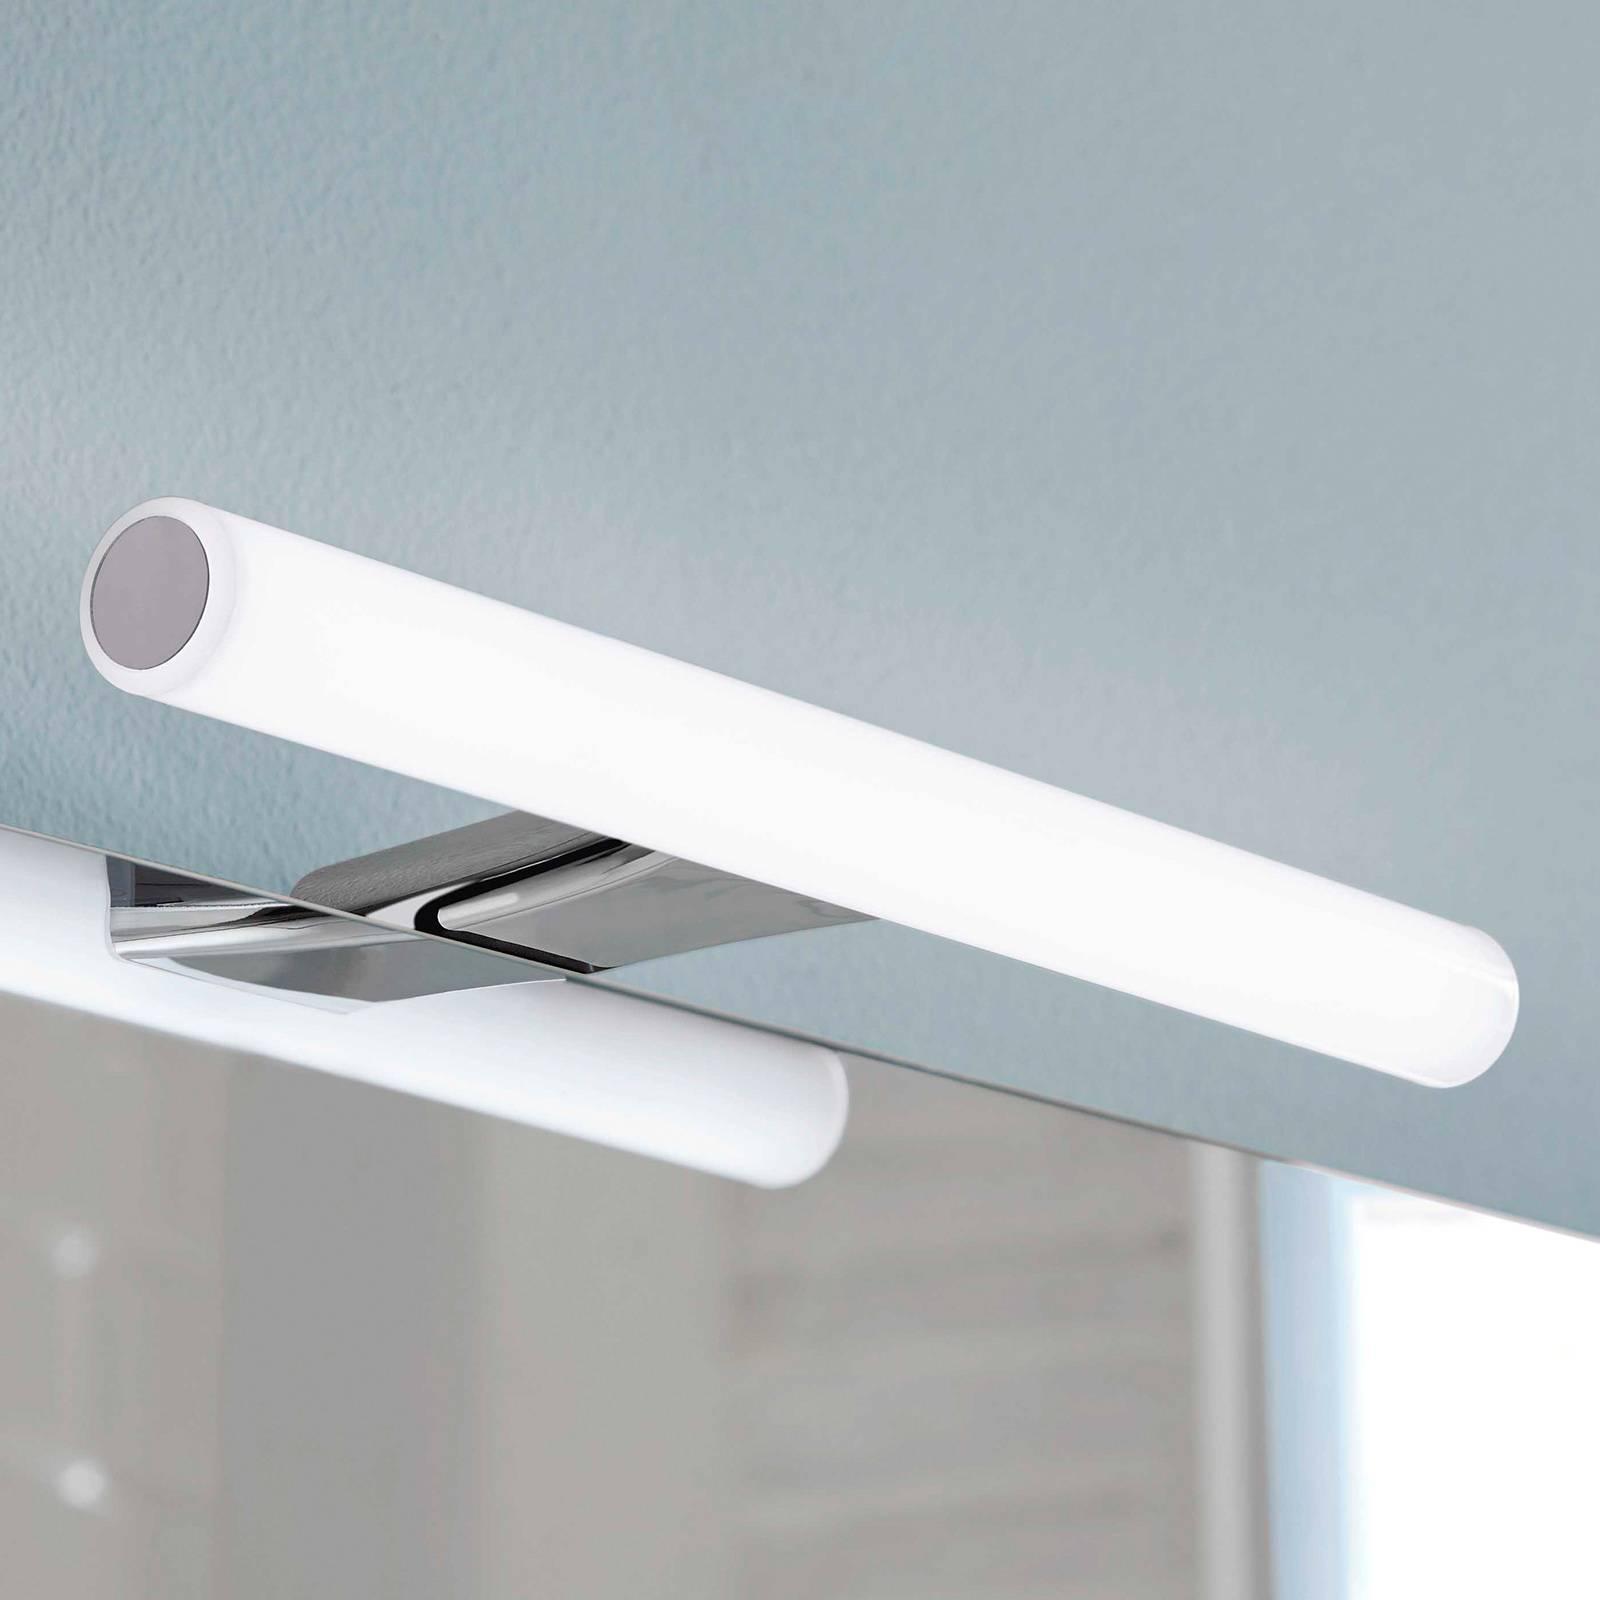 LED-peililamppu Irene 2, leveys 50 cm